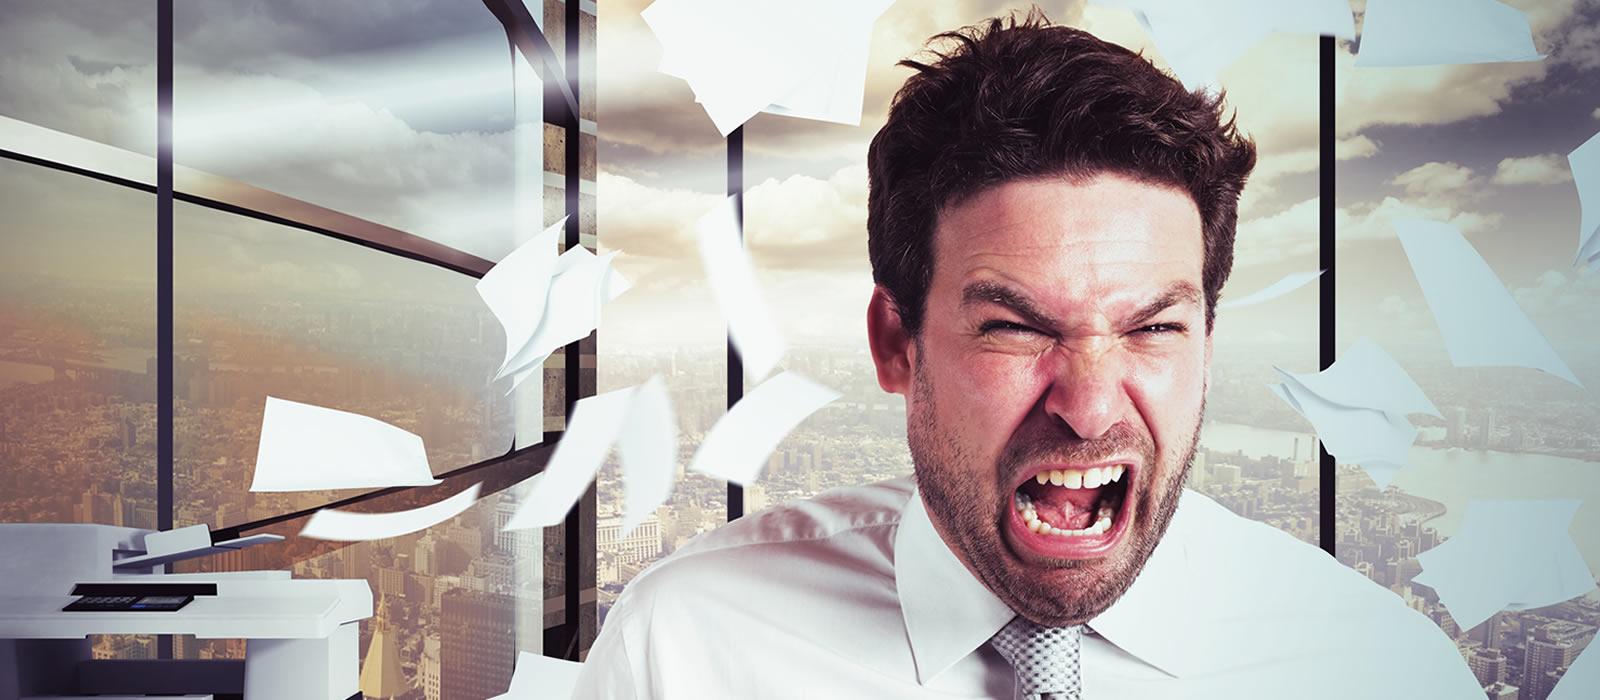 crisismanagement by bizcertainty